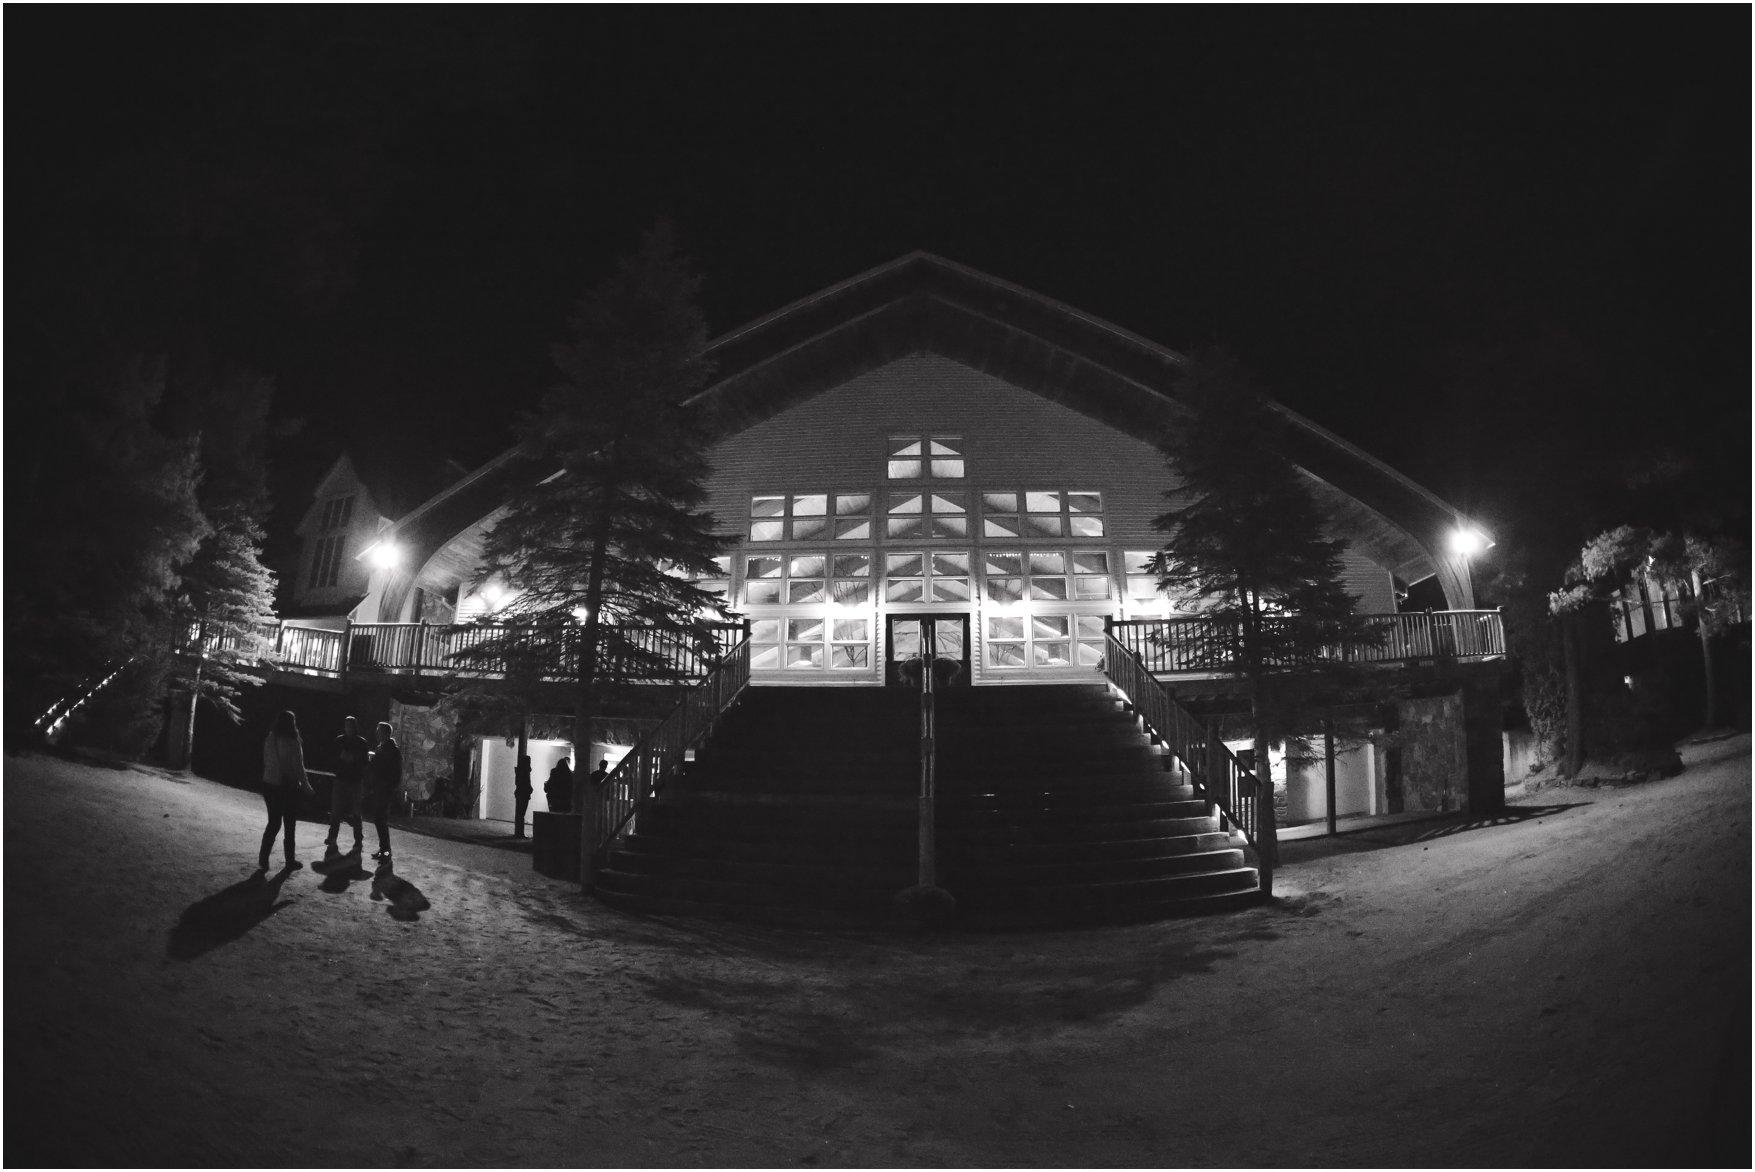 2015-11-12_0070.jpg